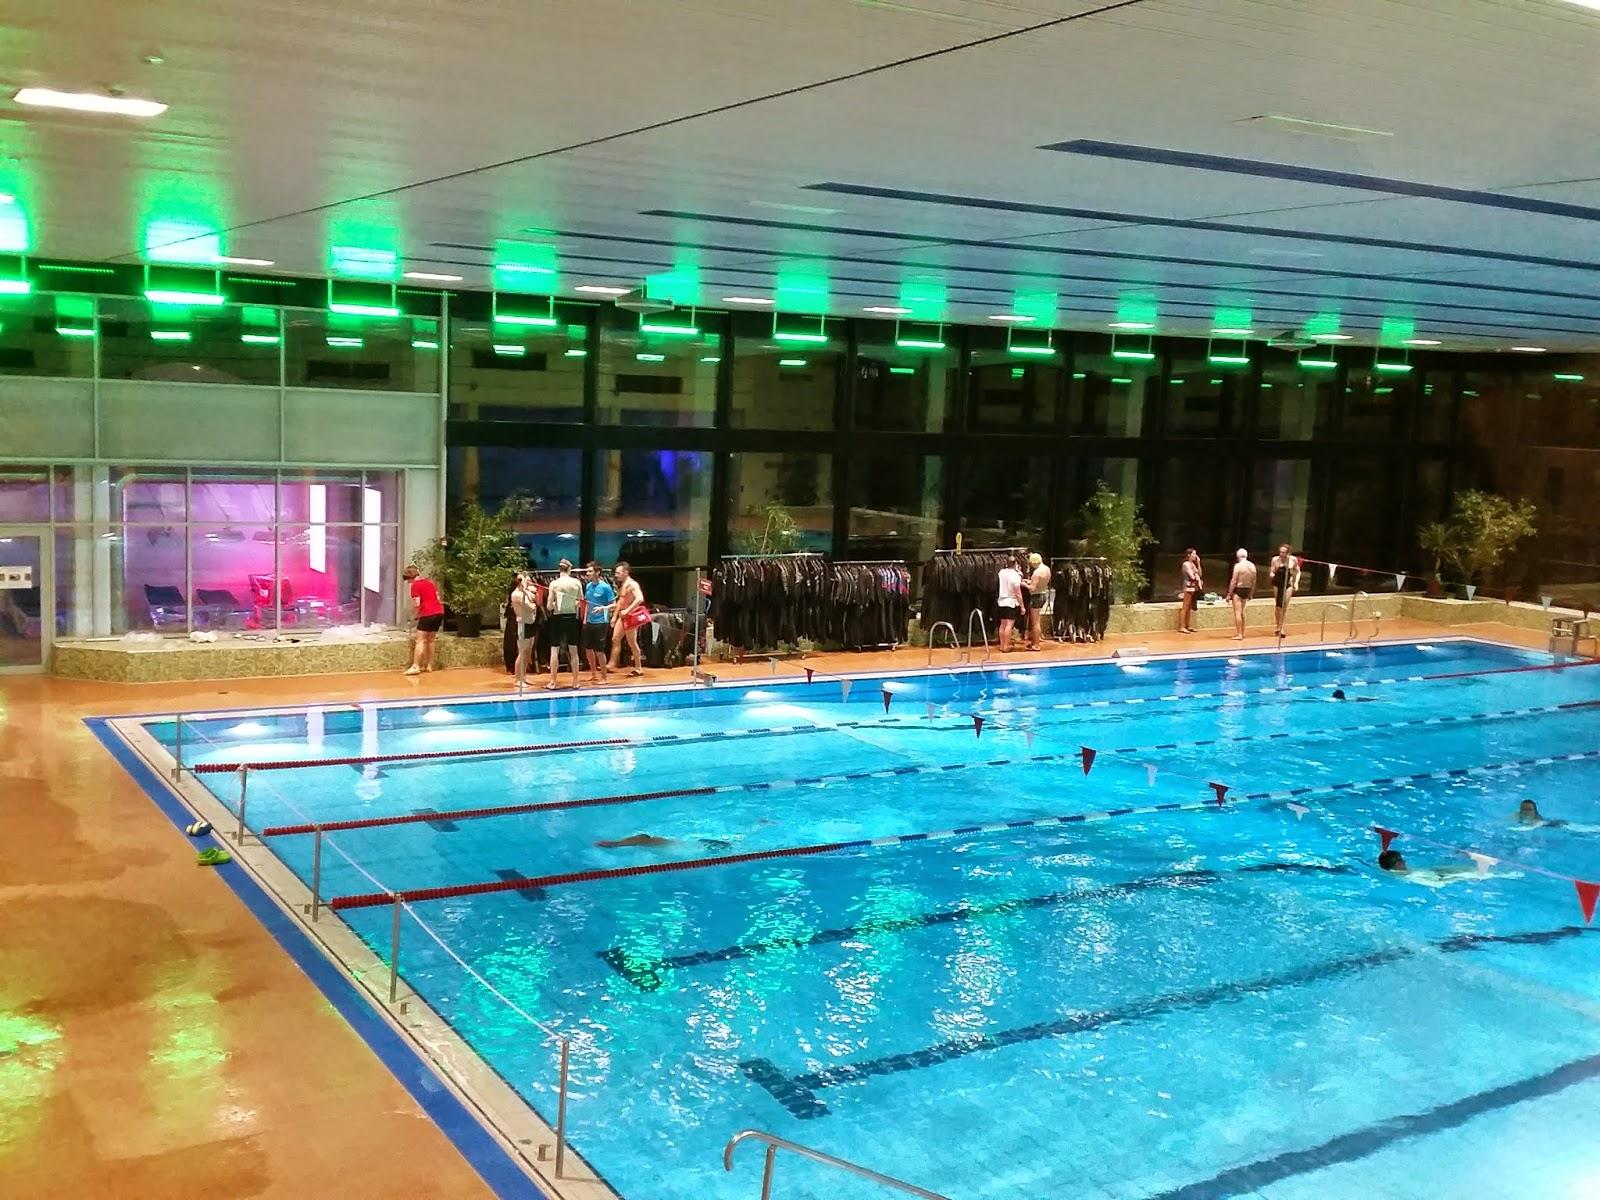 triathlon.de Neo Testschwimmen, Friedberg 27.02.2015 - gegen Ende der Veranstaltung